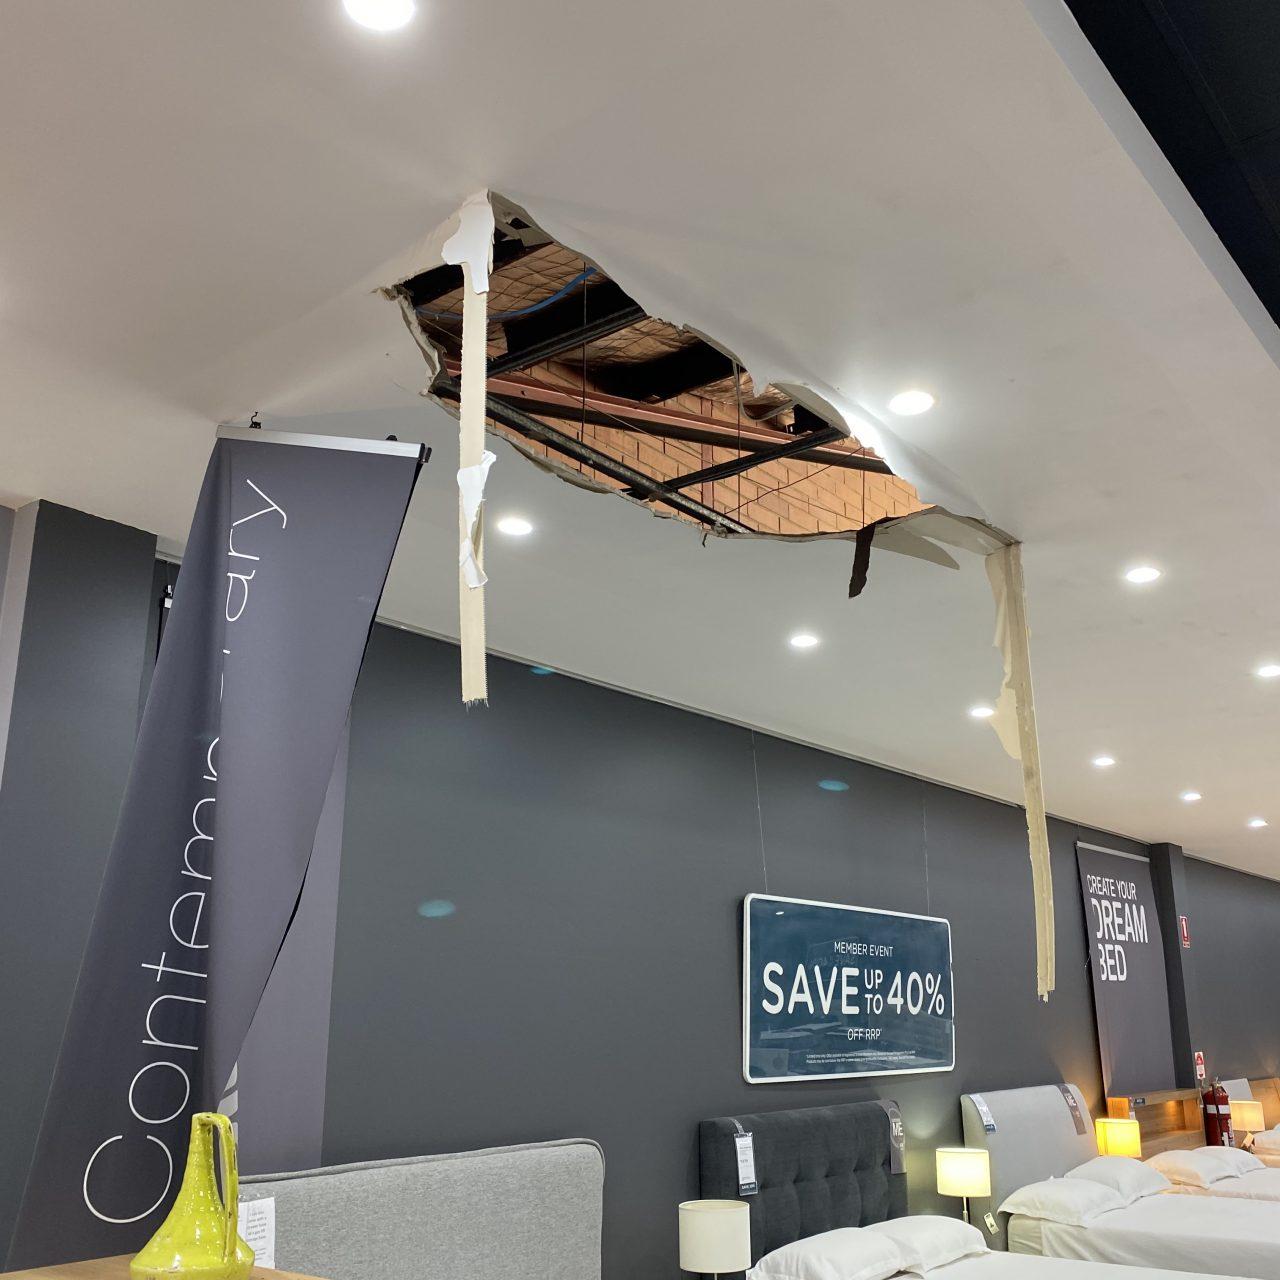 Ceiling Make Safe and Make Good – Osborne Park